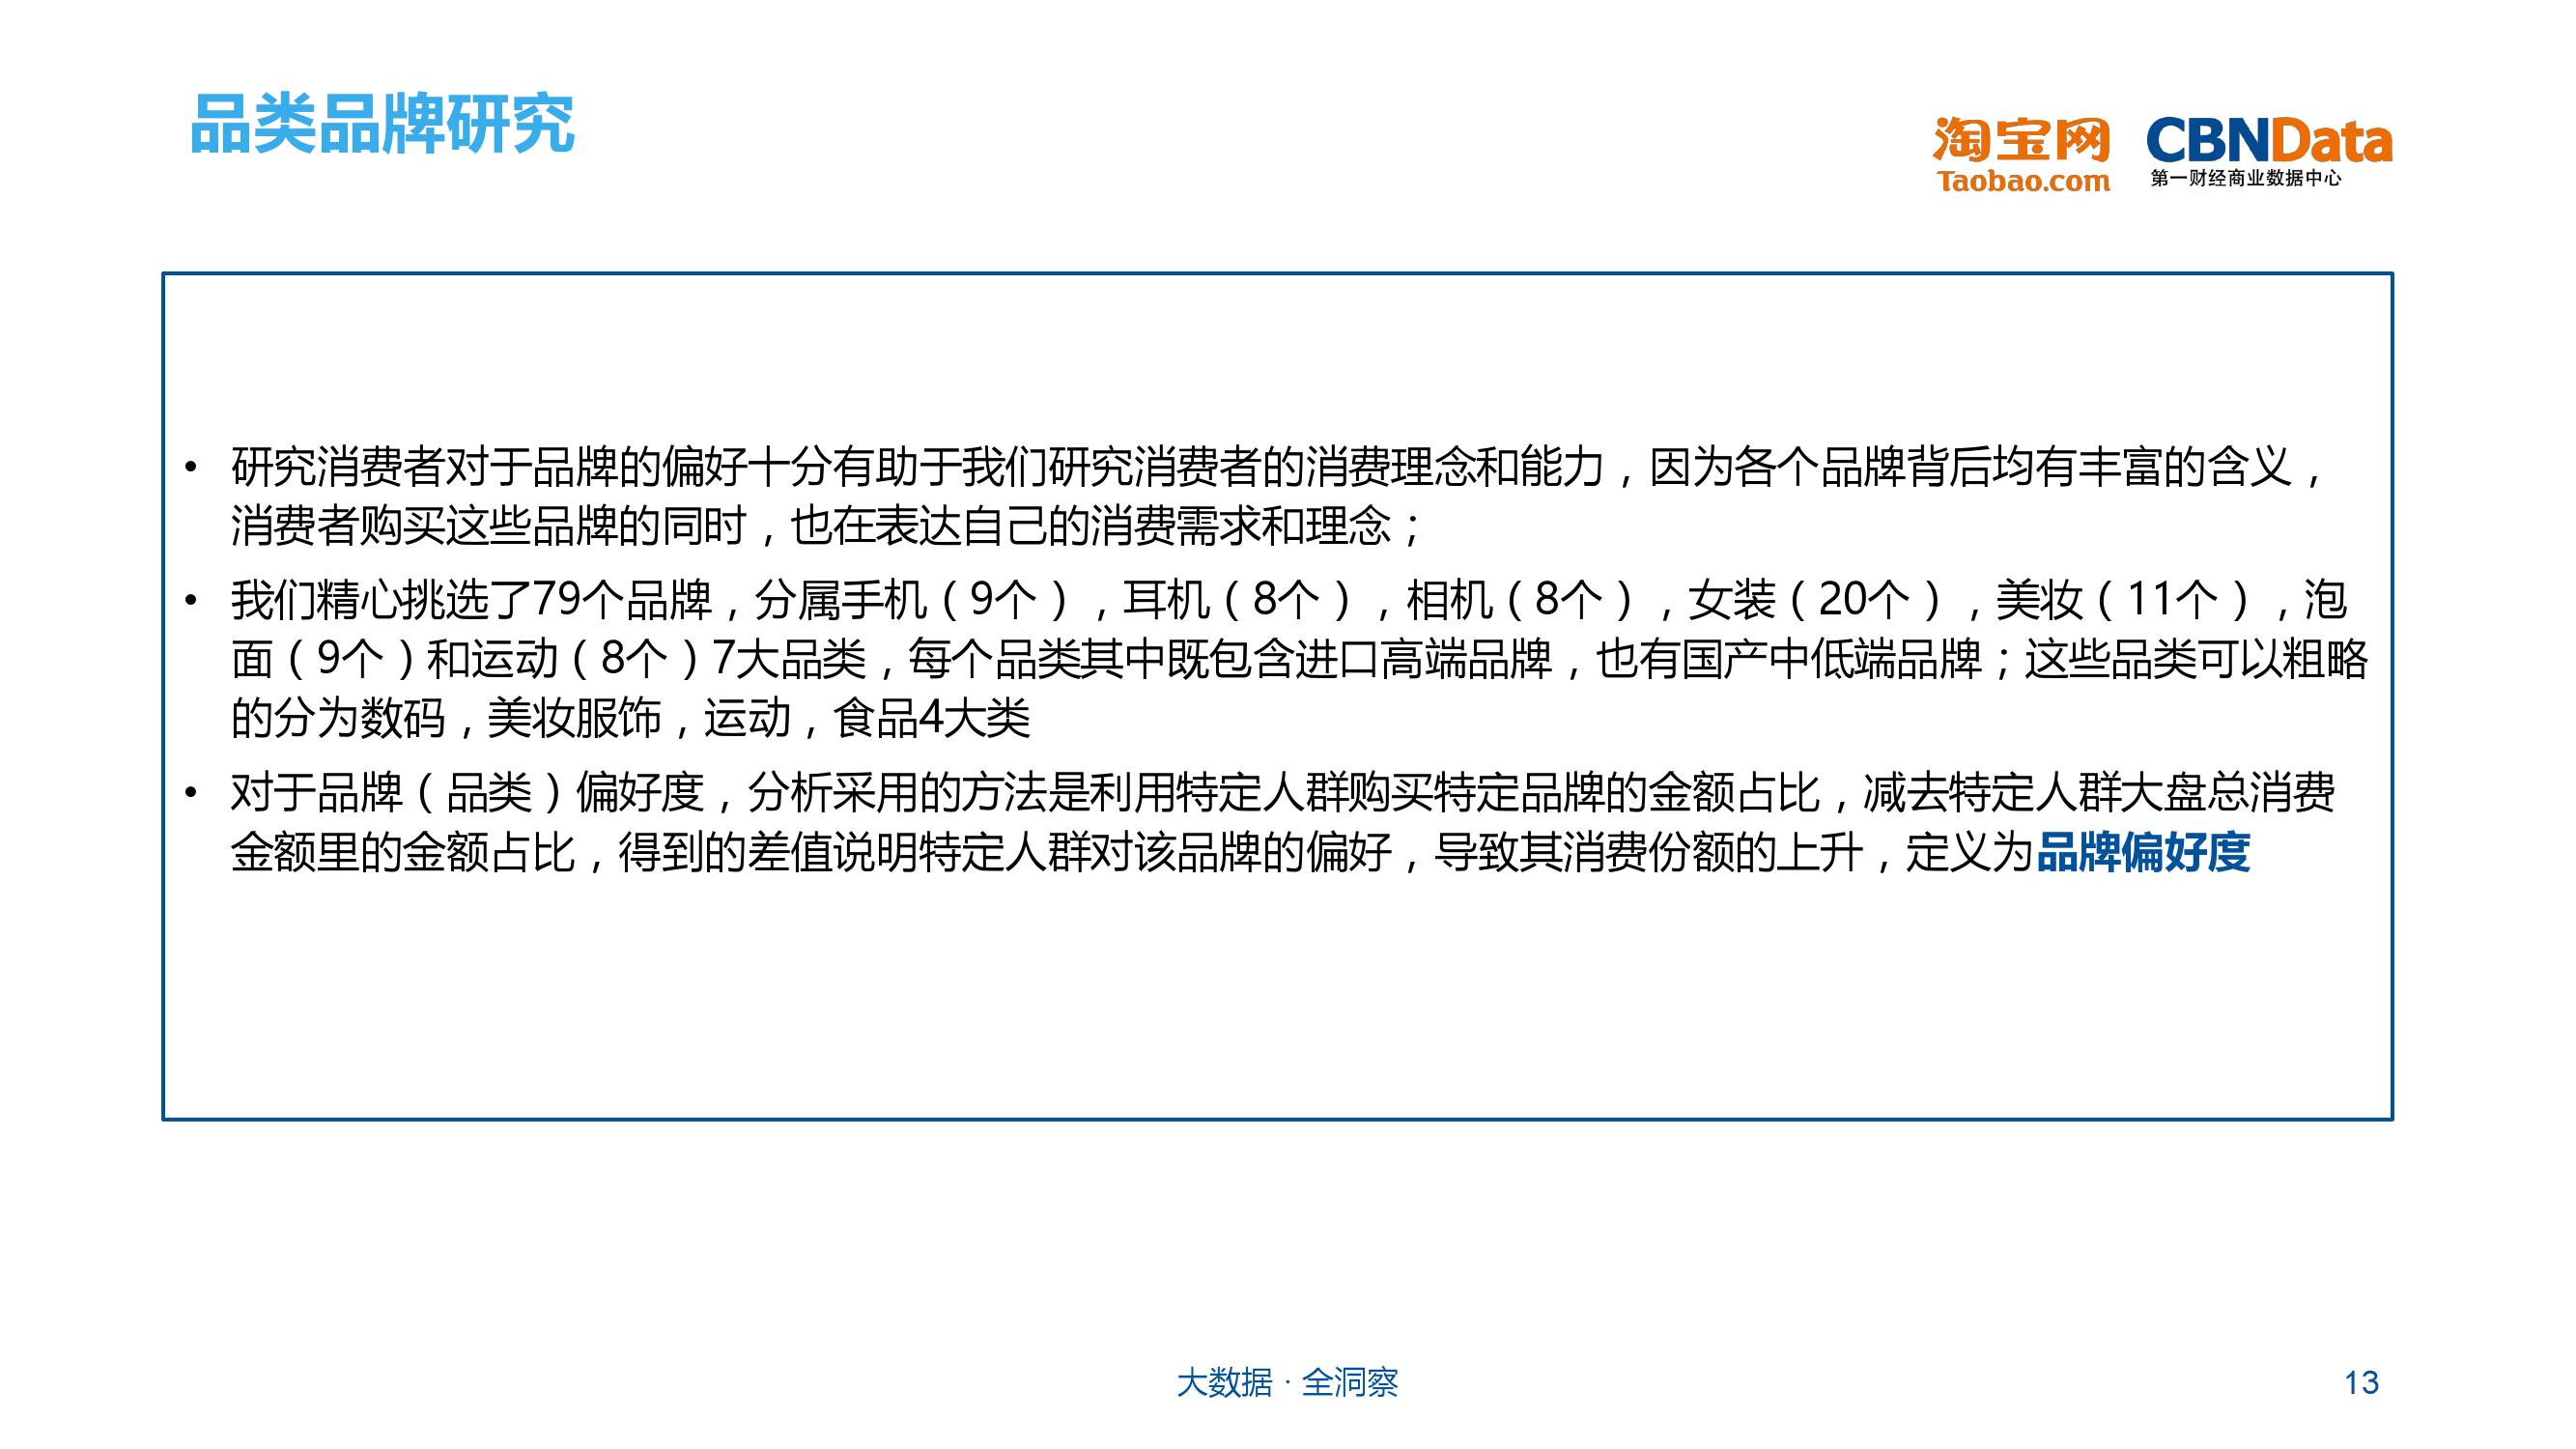 大学生群体网购行为分析_000013